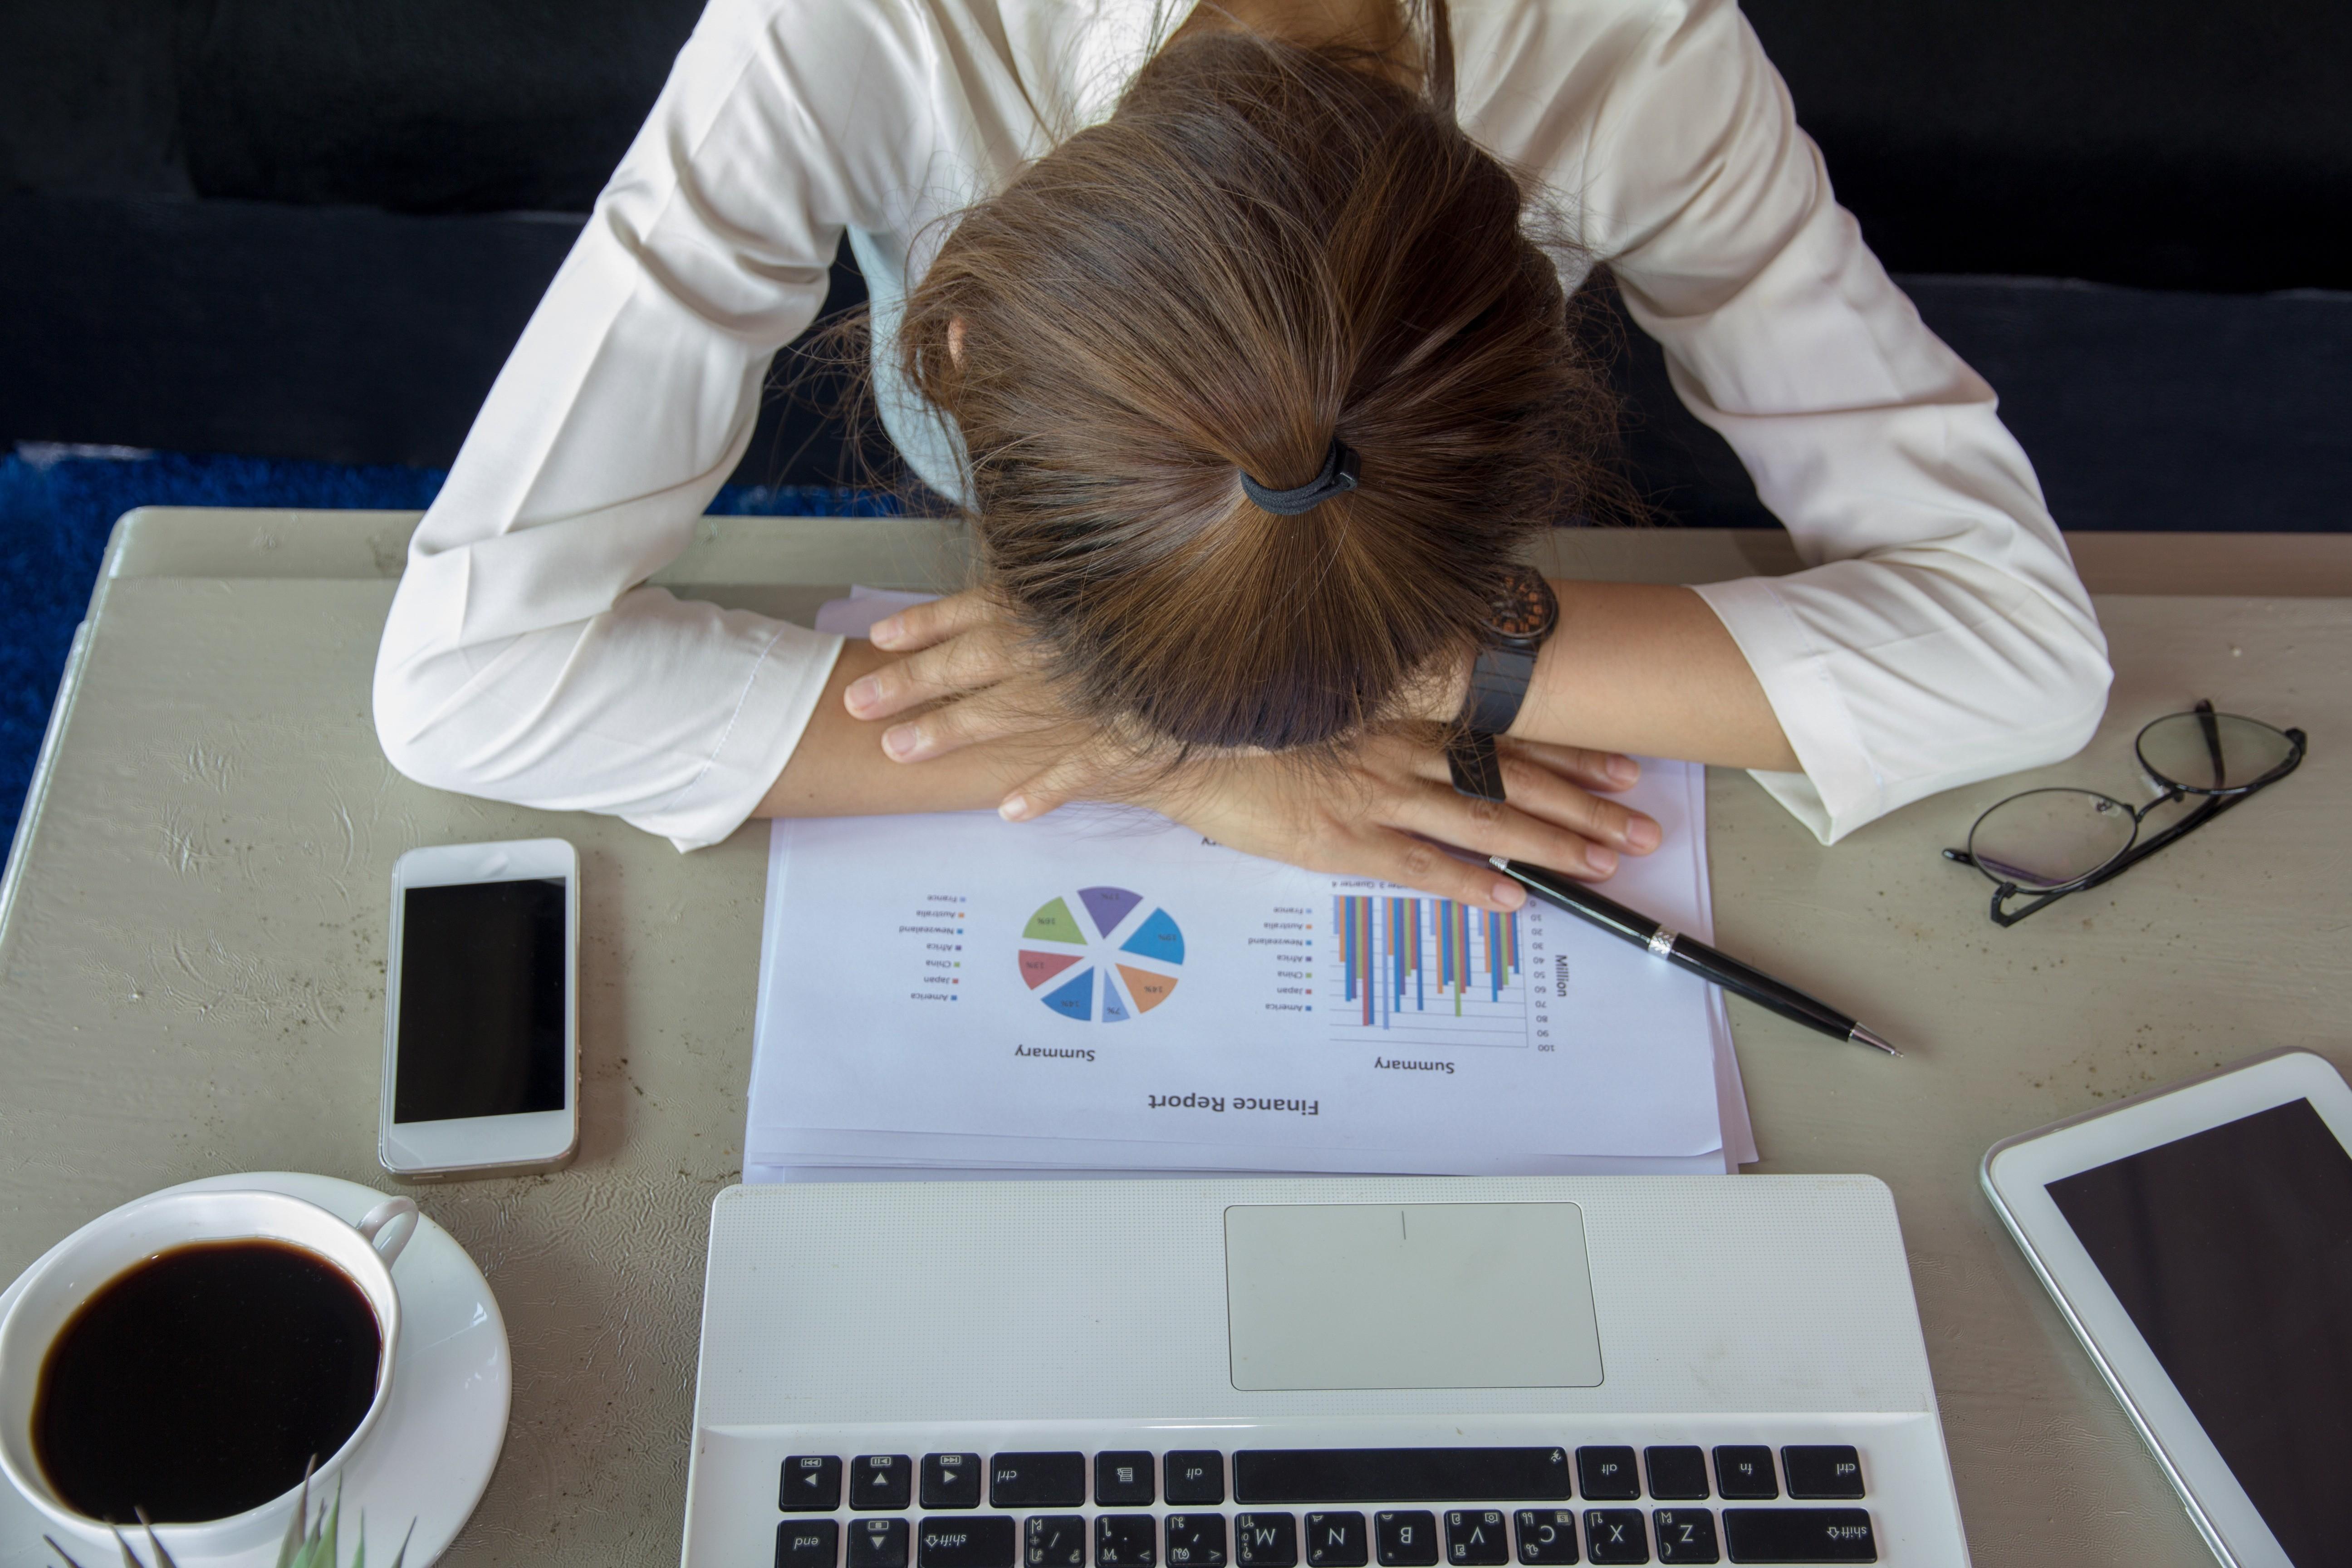 Работа не в офисе: 7 неожиданностей, с которыми столкнется фрилансер